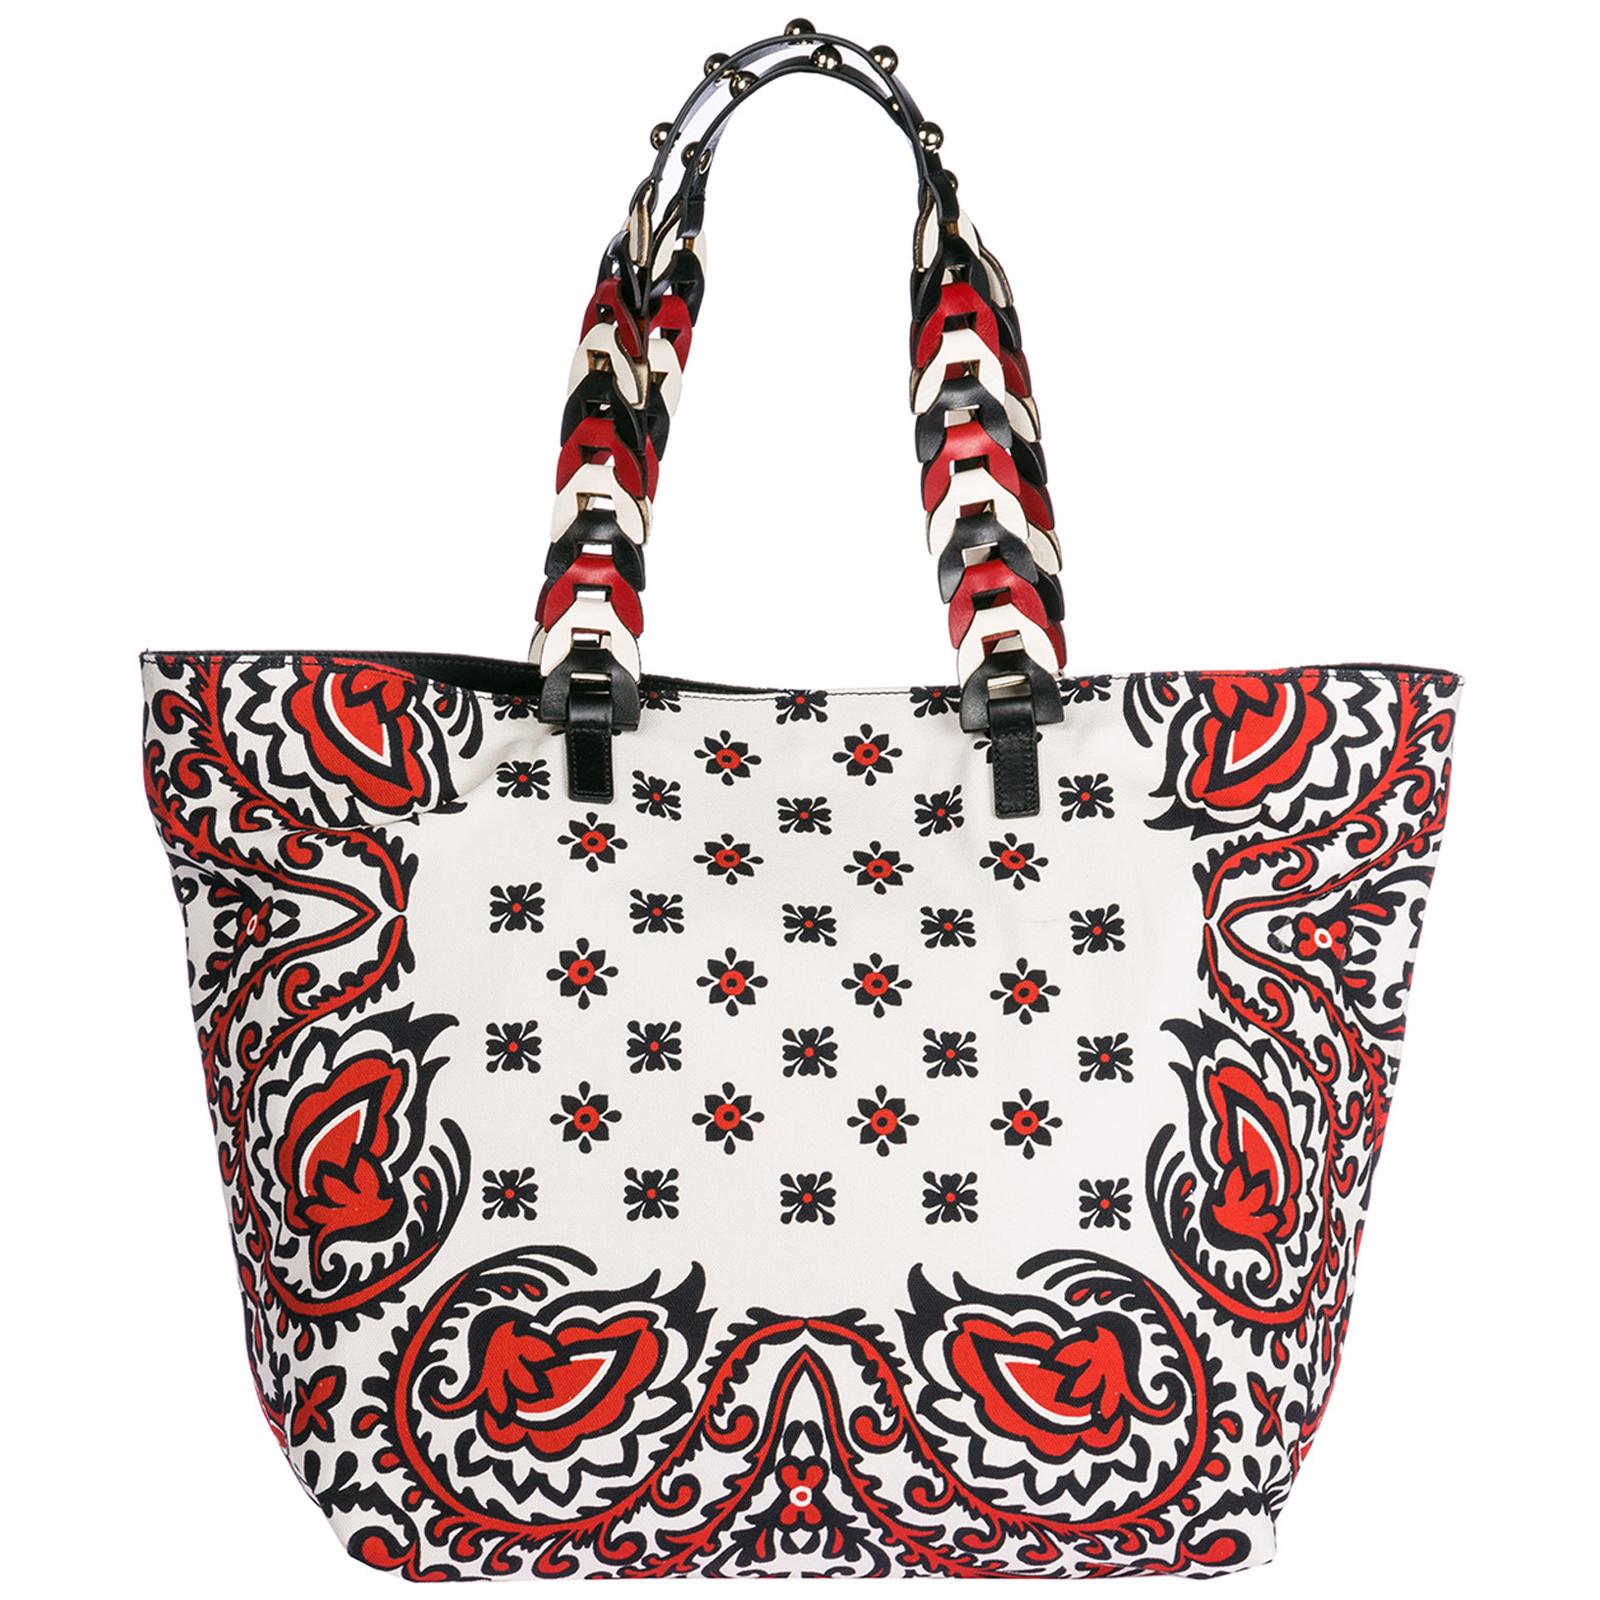 Borsa donna a spalla shopping bandhana